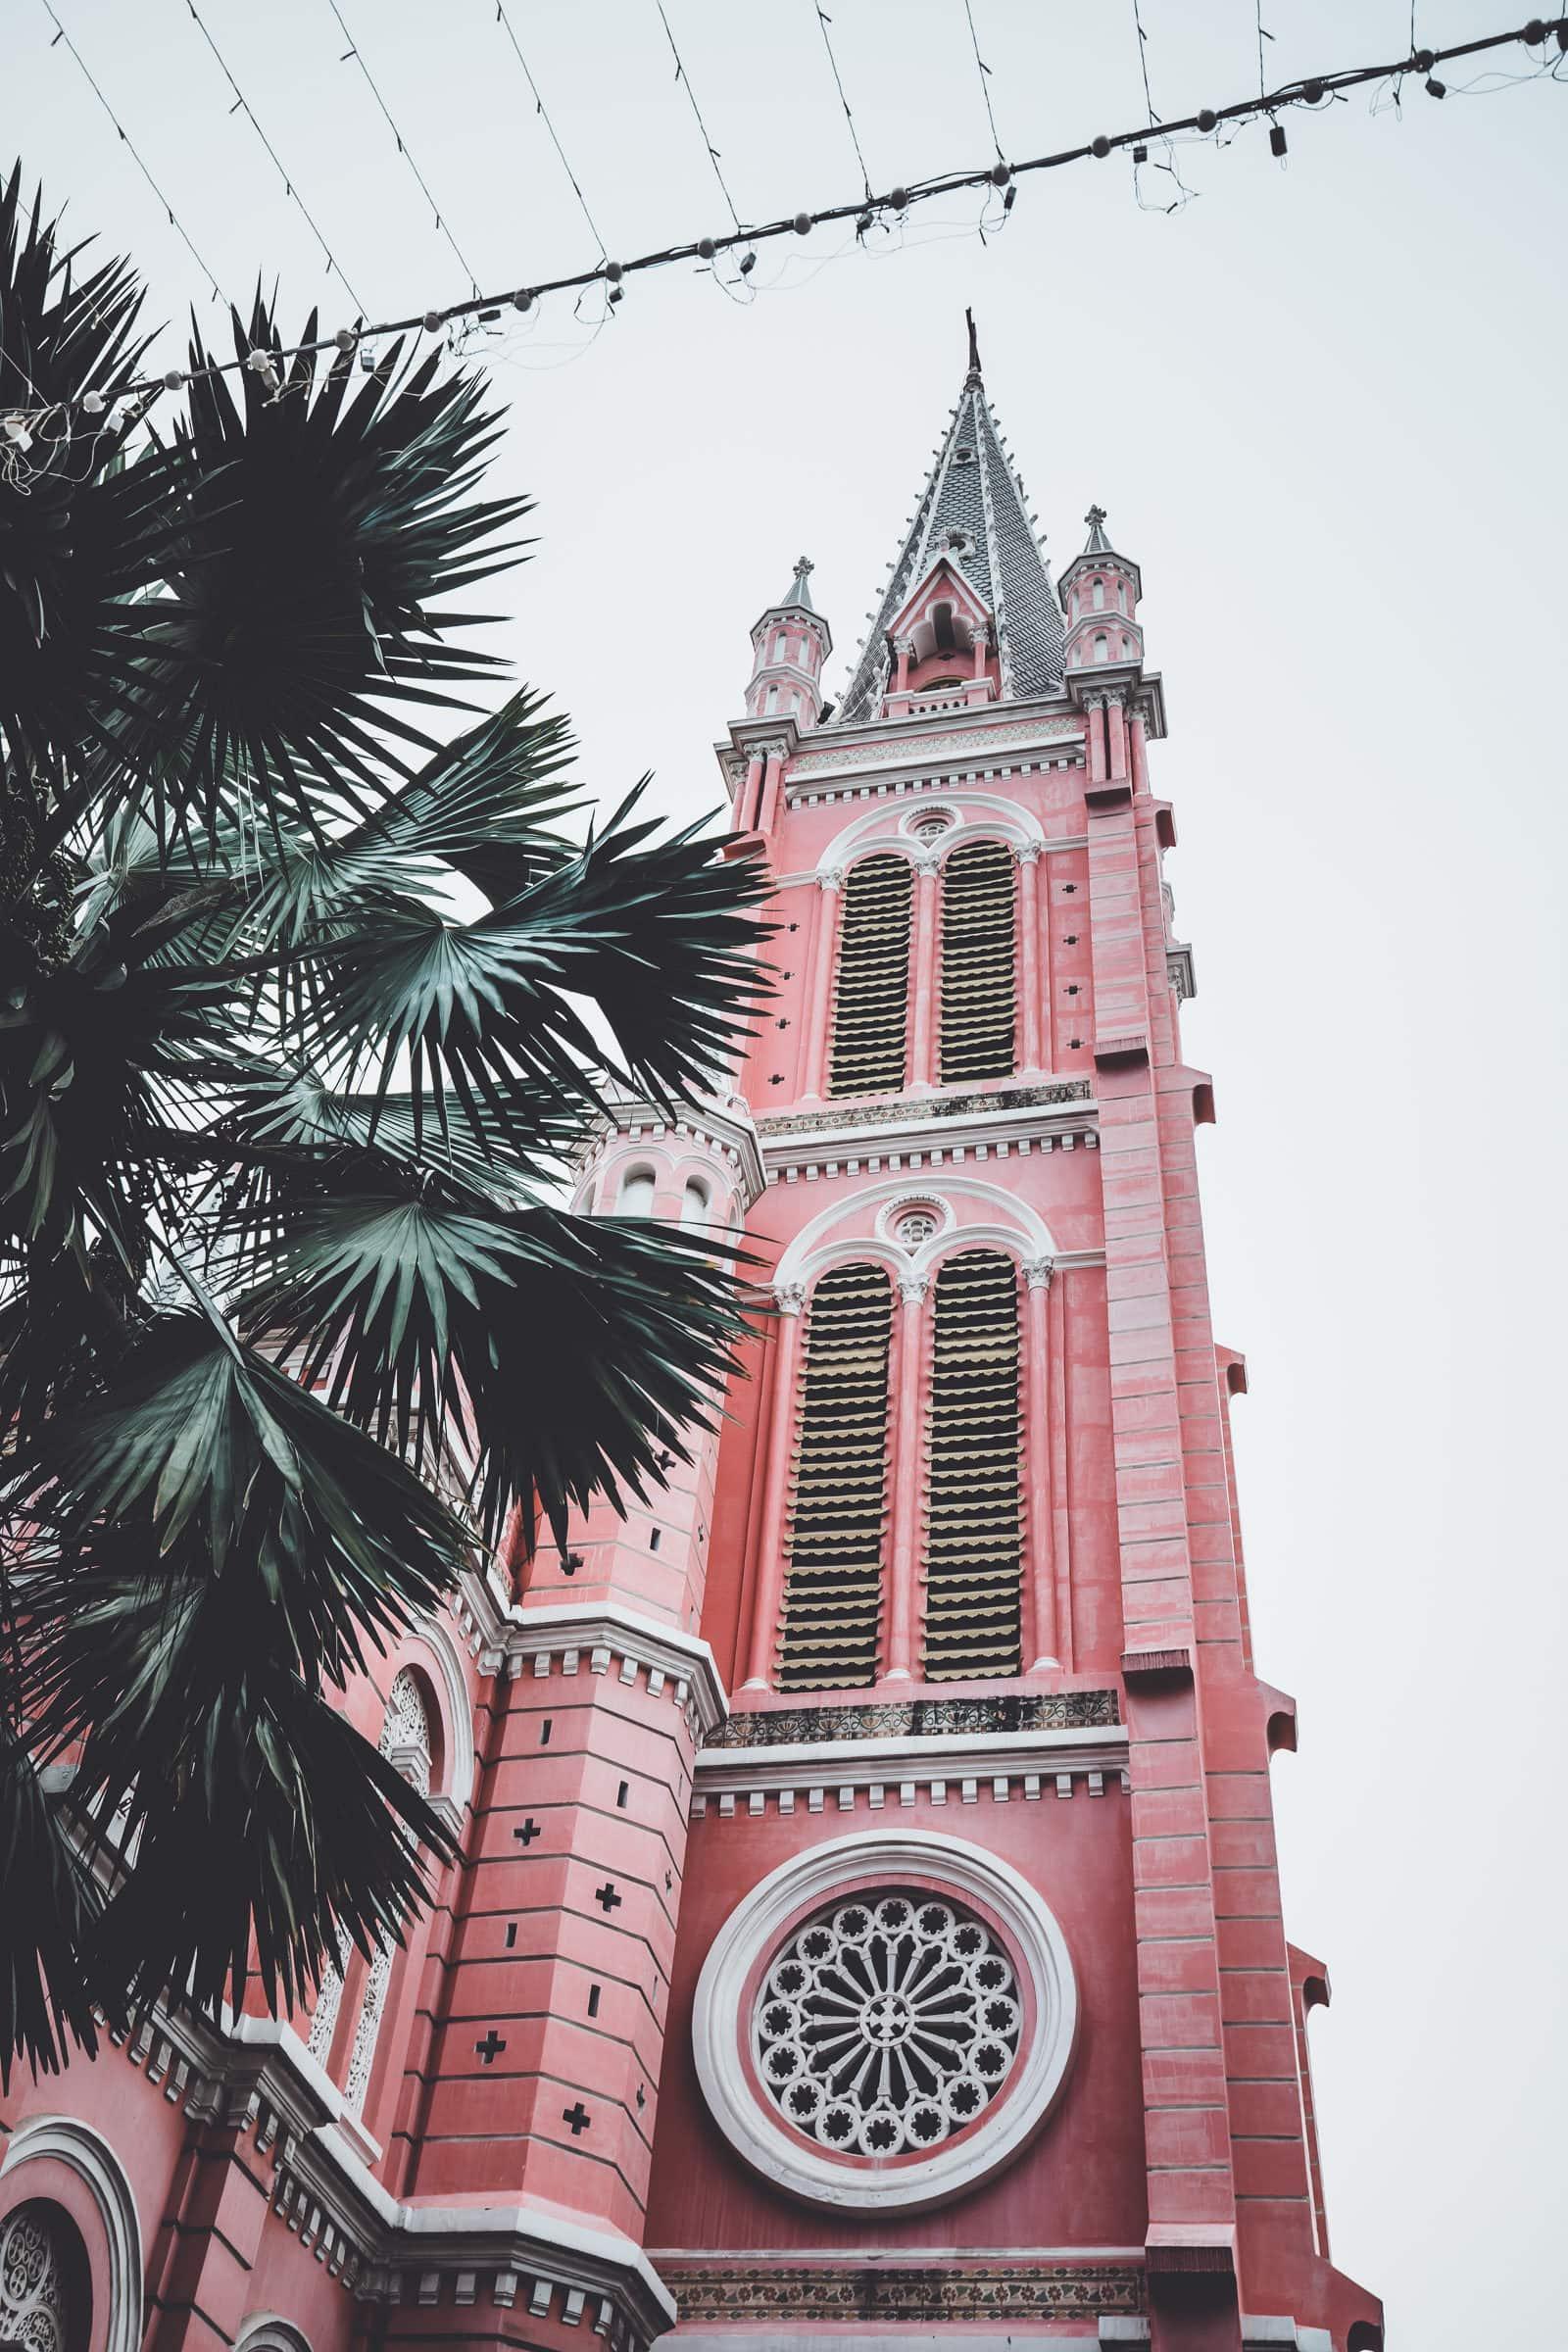 Tan Dinh Pink Church Saigon Ho Chi Minh City